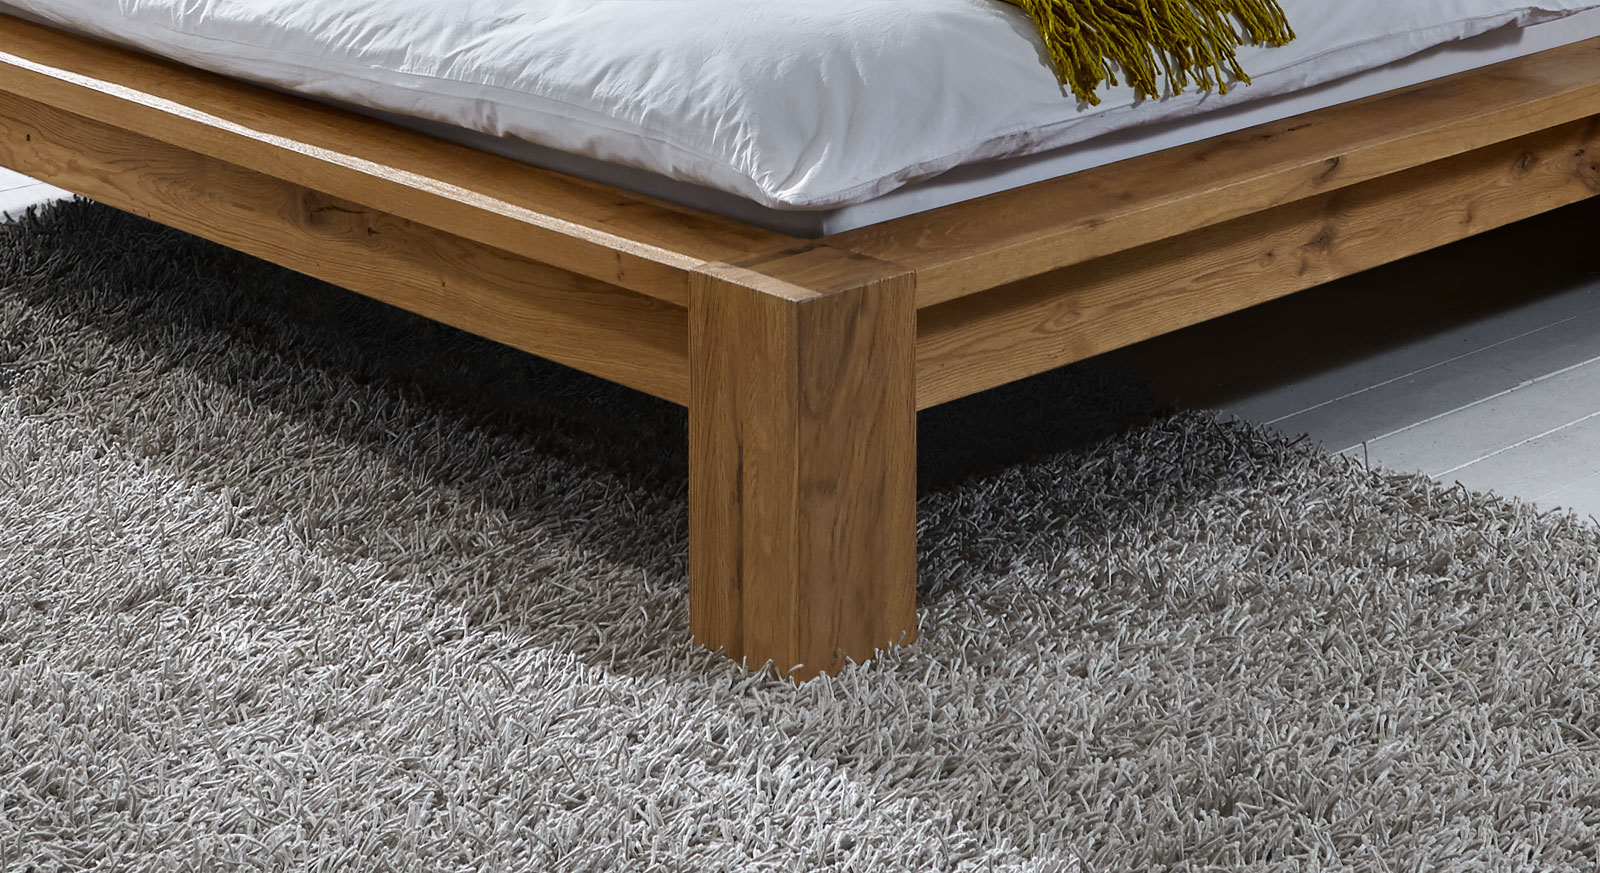 Liege Alento mit standhaften Bettfüßen für sicheren Halt